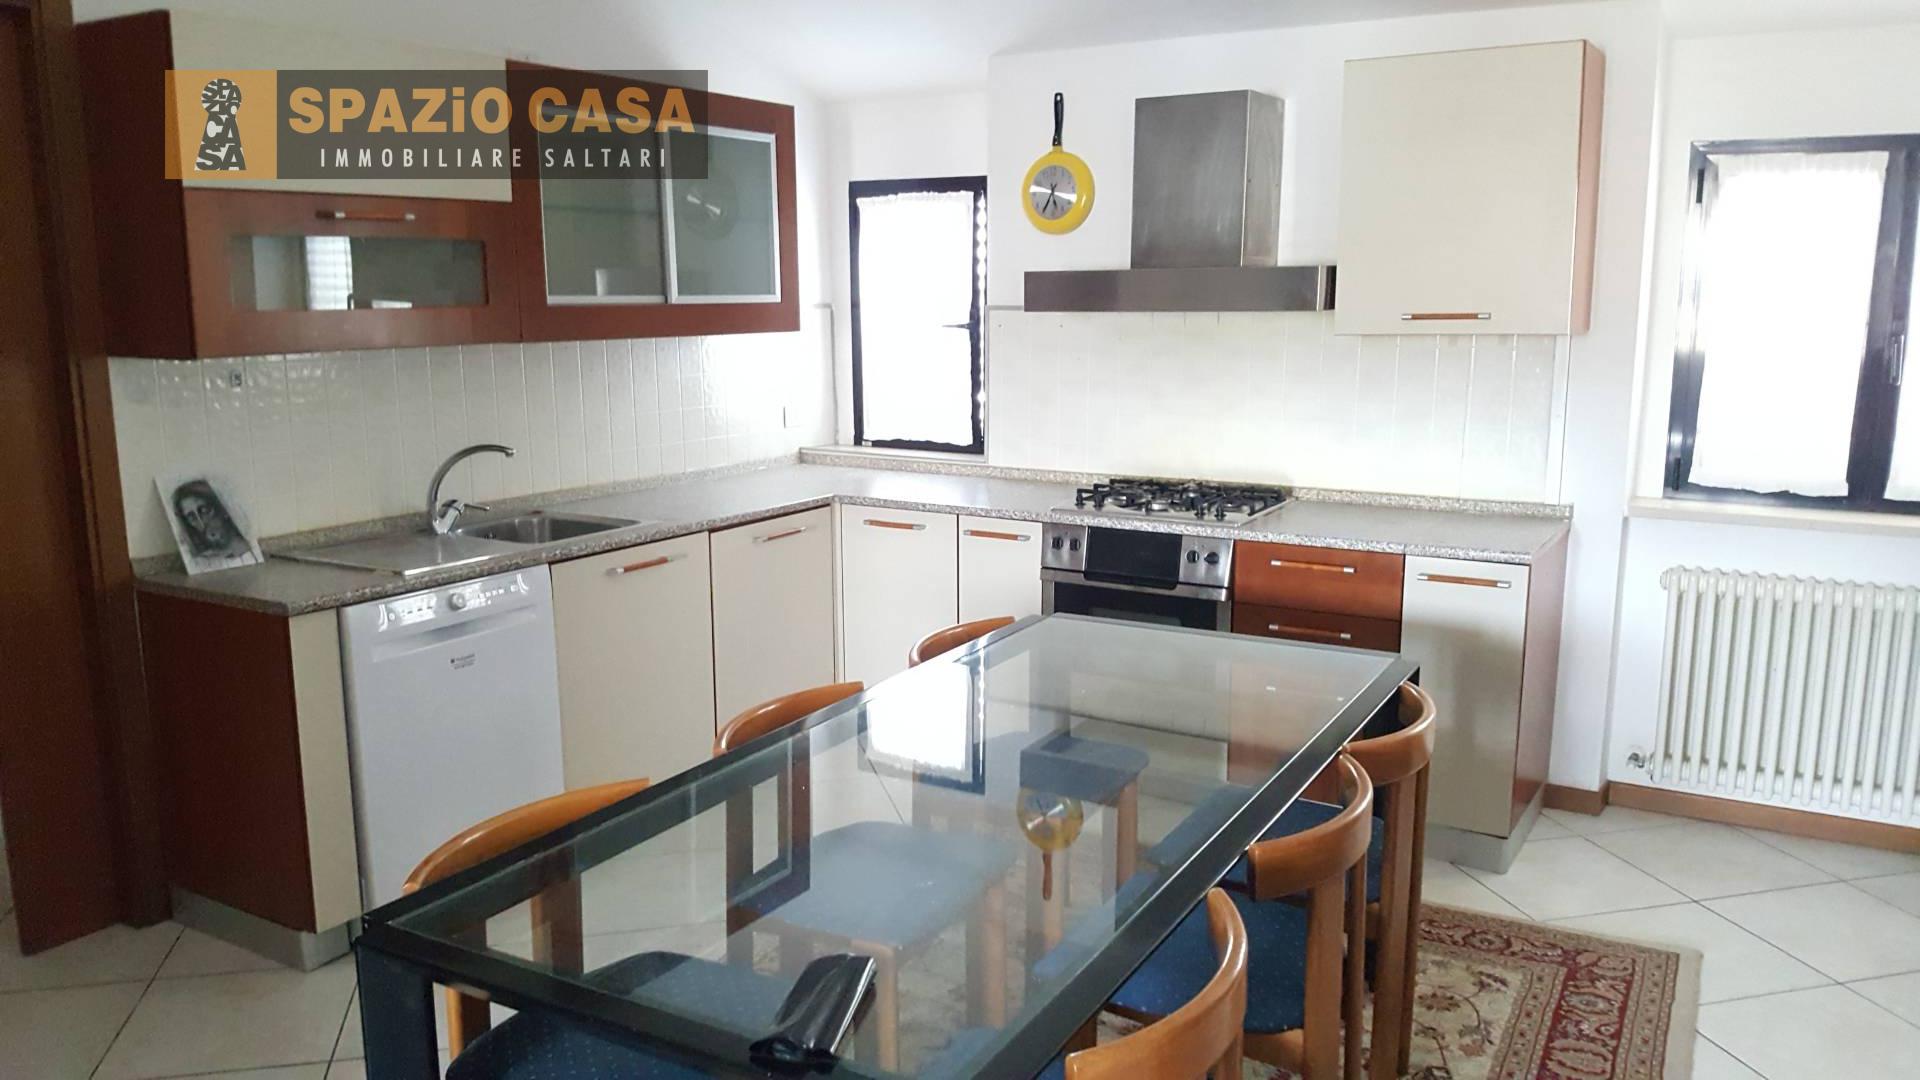 Appartamento MORROVALLE vendita    Spazio Casa di Massimo Saltari